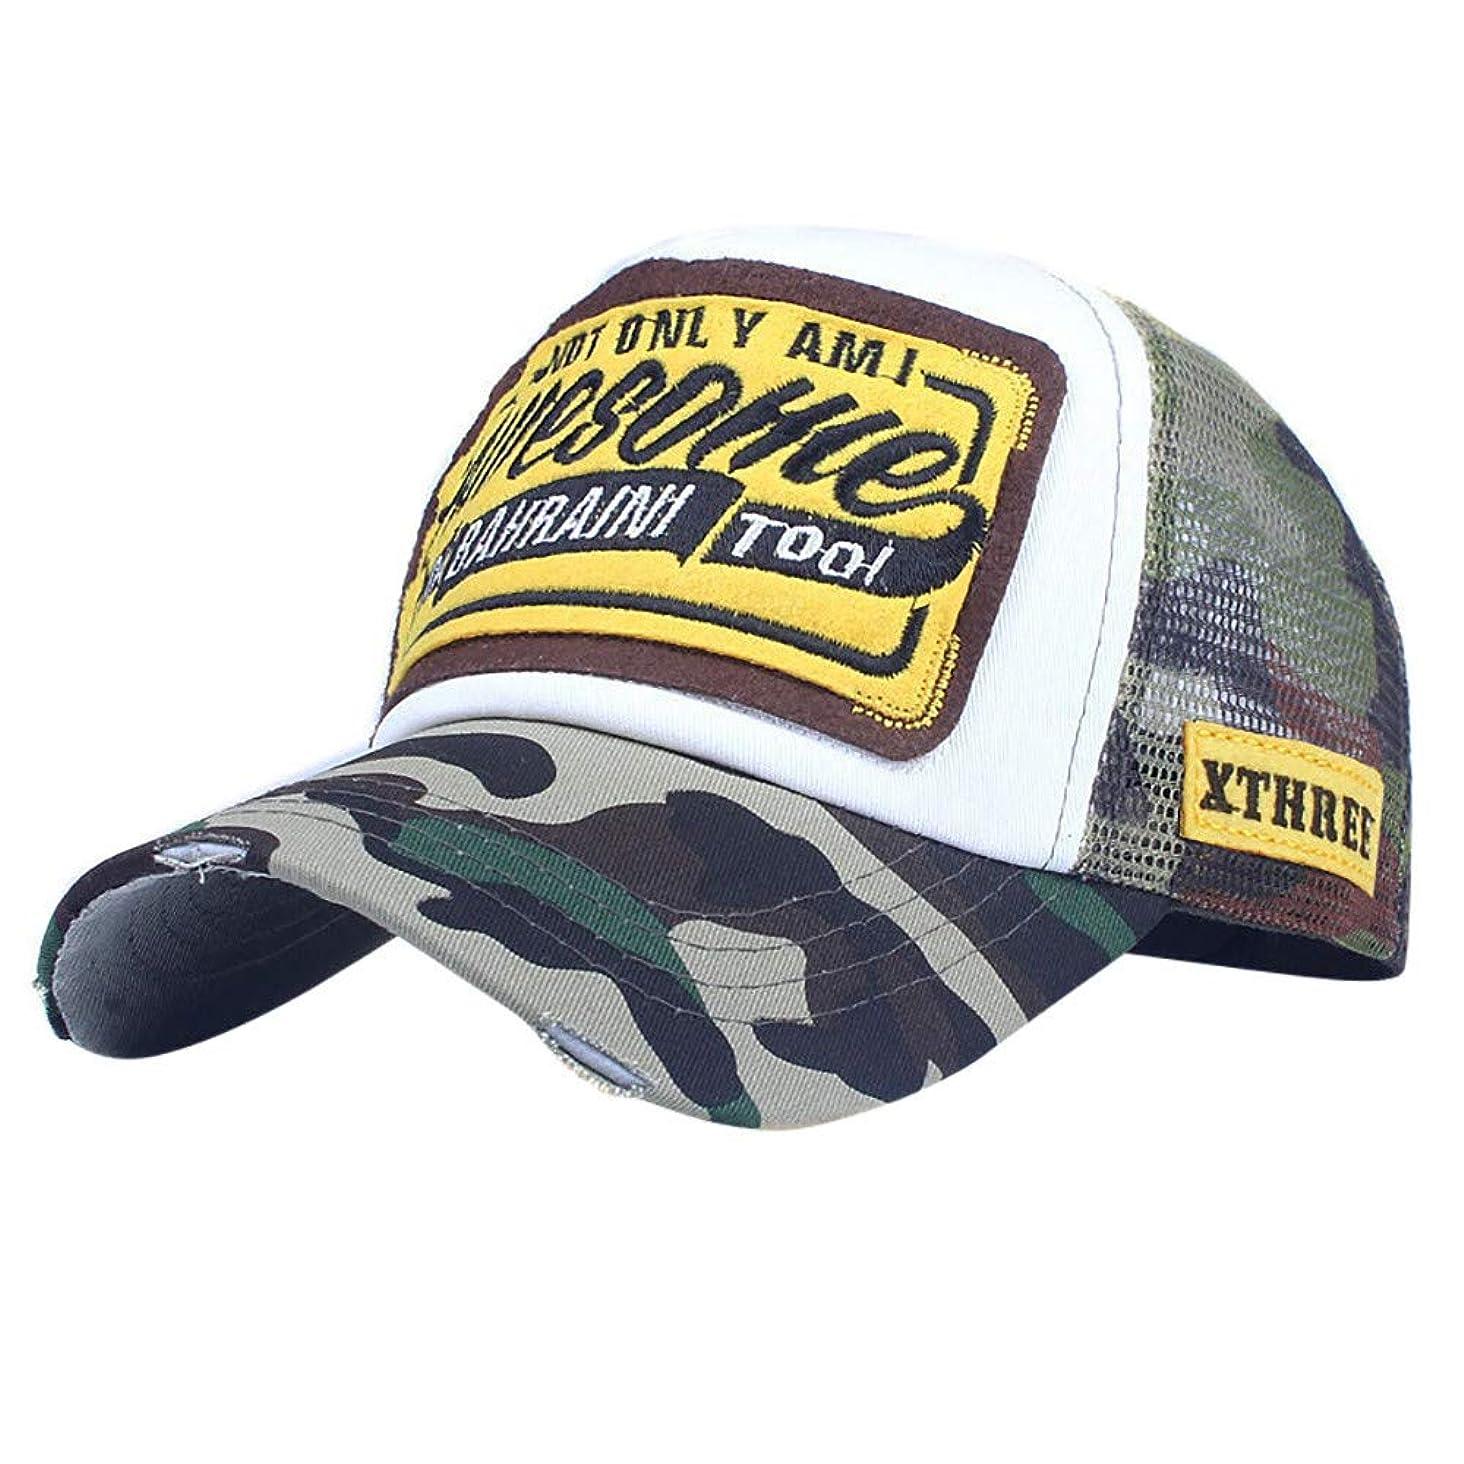 無礼に胚レディRacazing カモフラージュ 野球帽 ヒップホップ メンズ 夏 登山 帽子 迷彩 可調整可能 プラスベルベット 棒球帽 UV 帽子 UVカット軽量 屋外 Unisex 鸭舌帽 Hat Cap